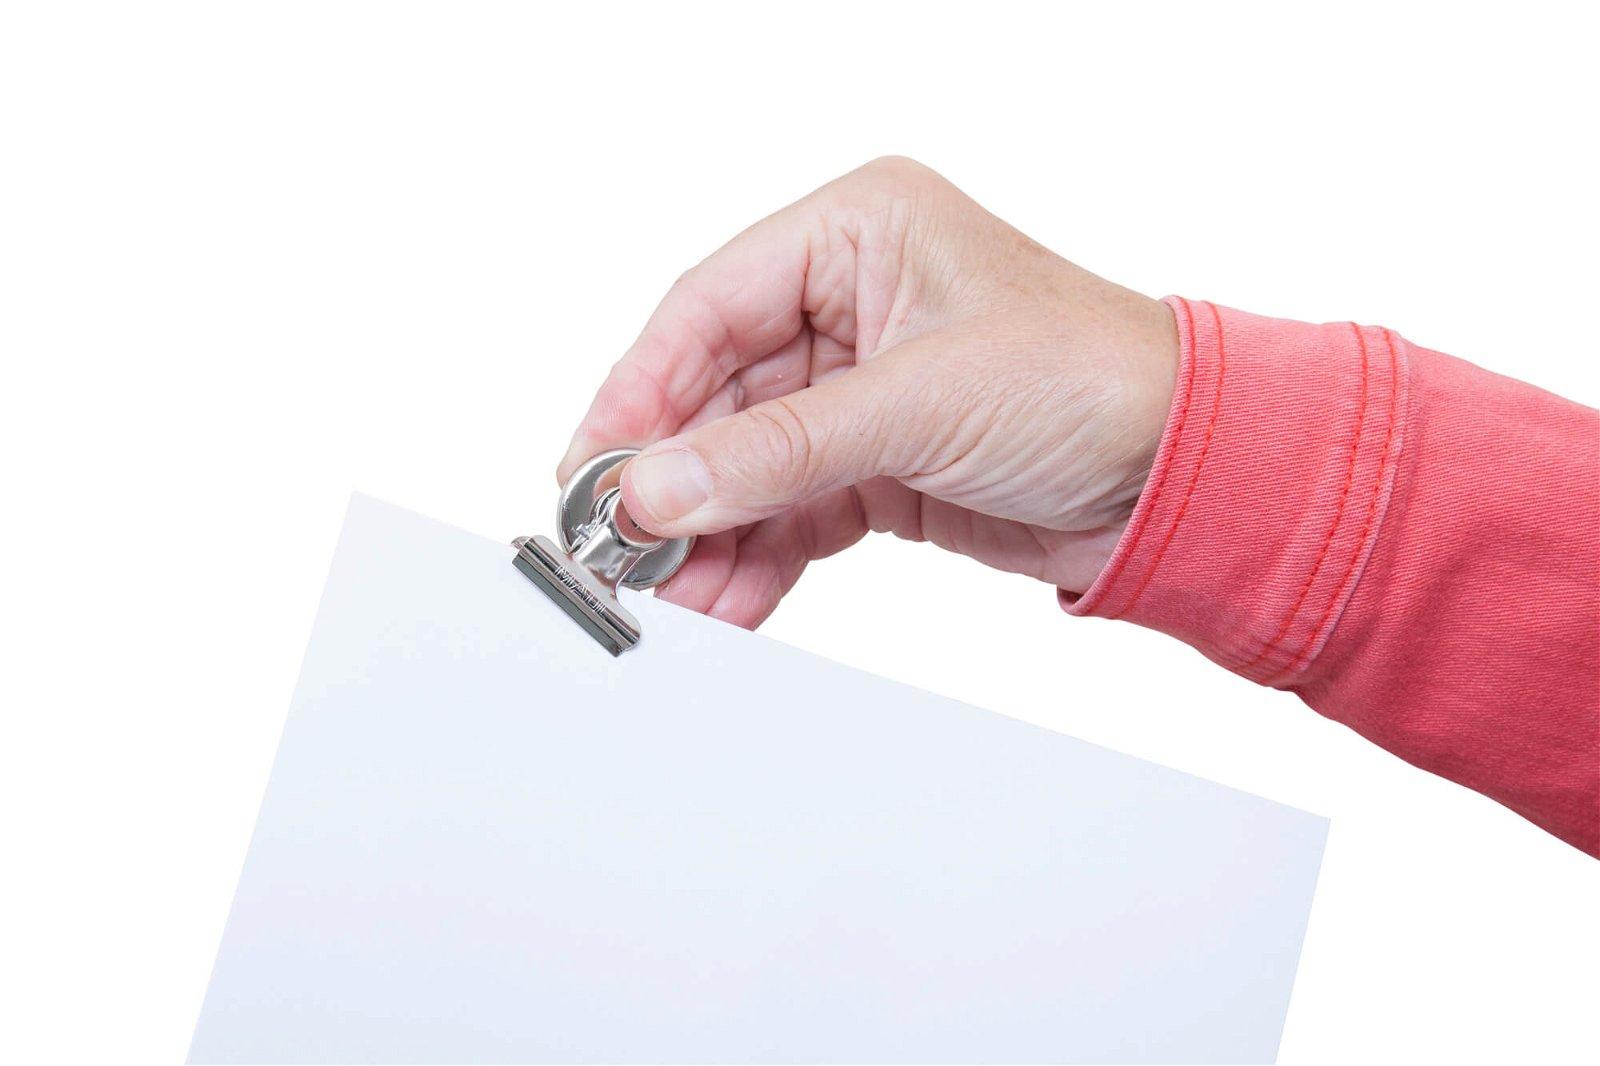 Papier-Klemmer MAULstandard mit Magnet